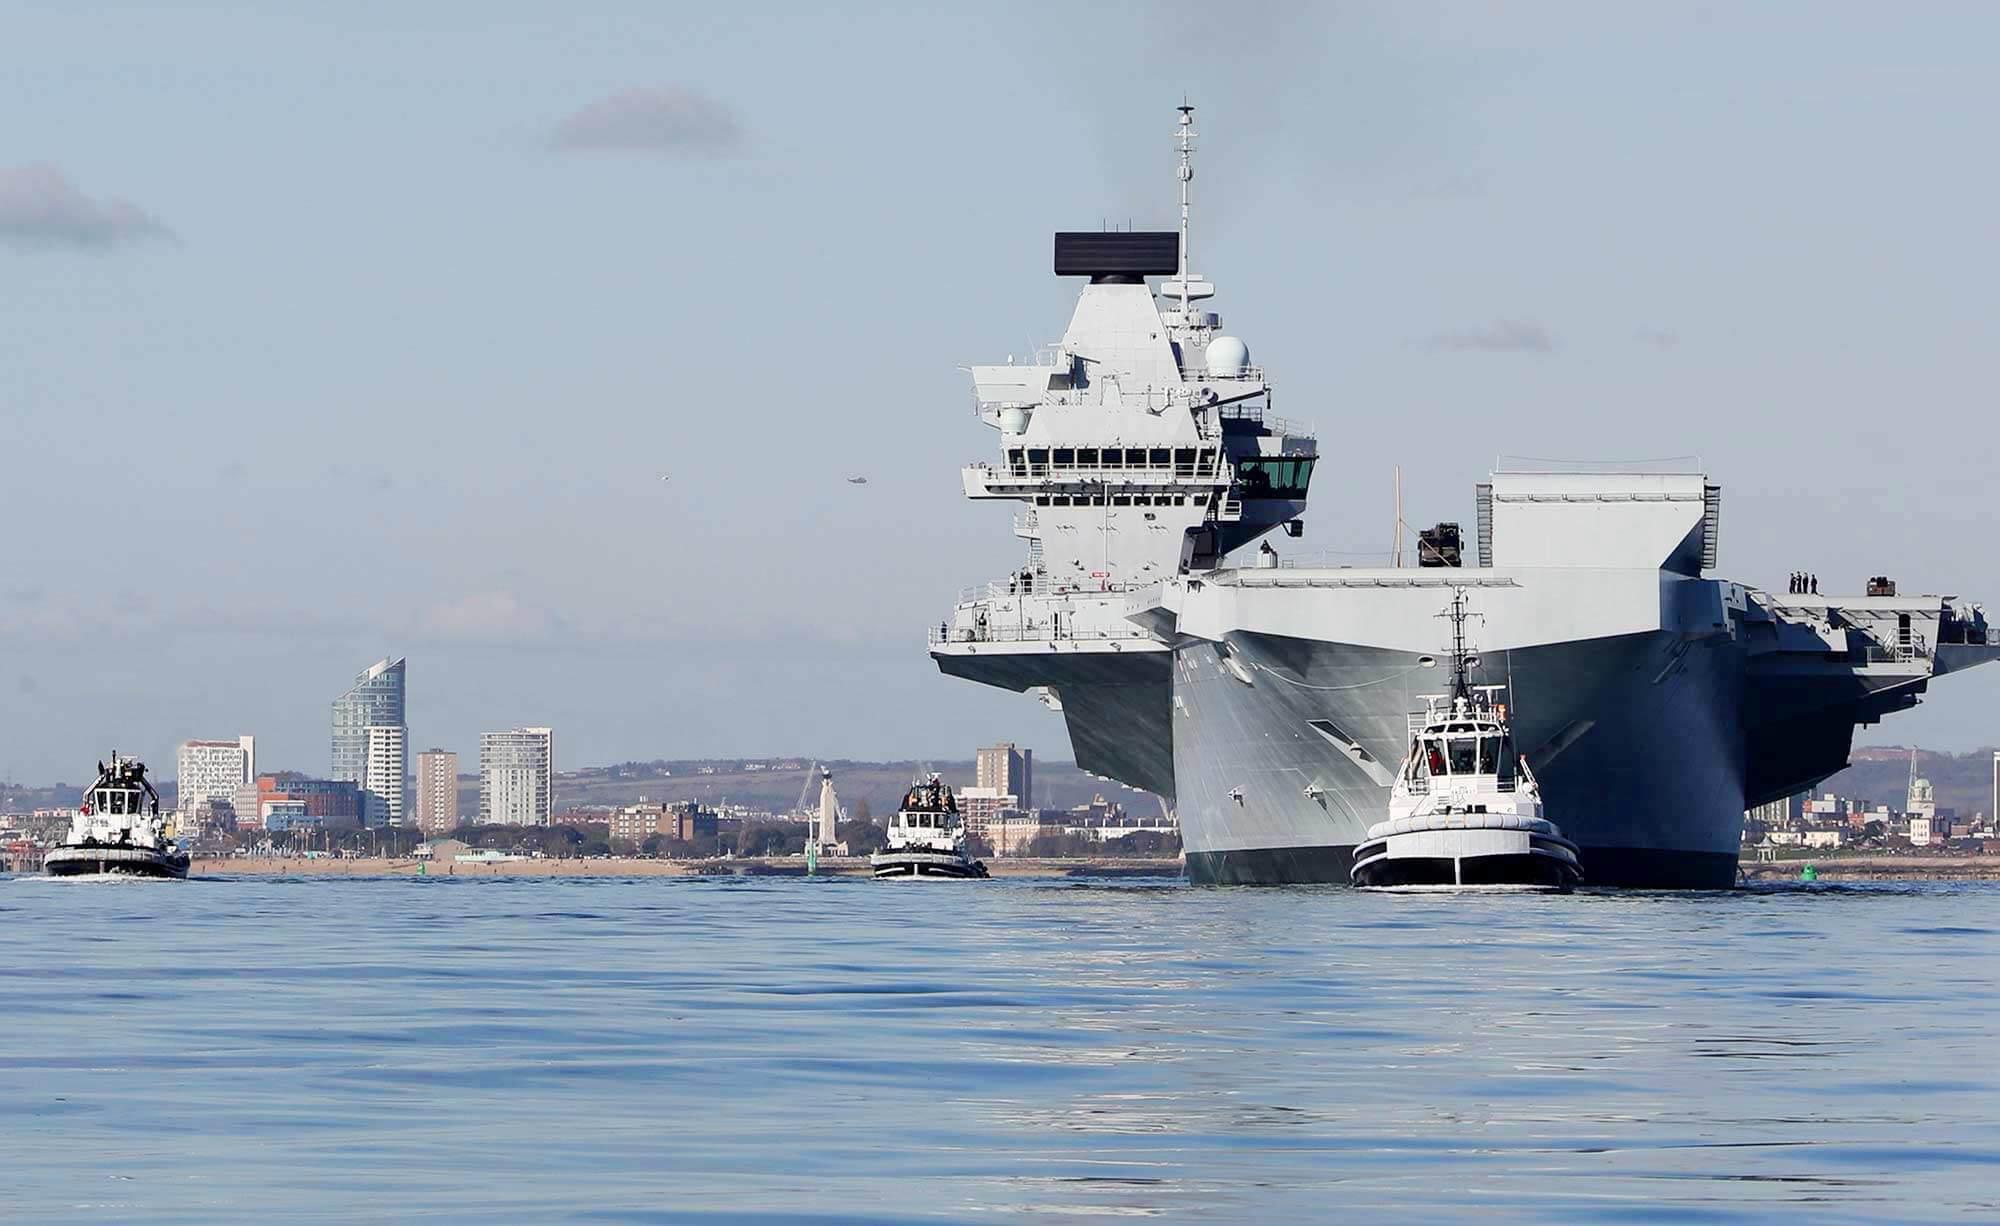 HMS Queen Elizabeth in the Solent